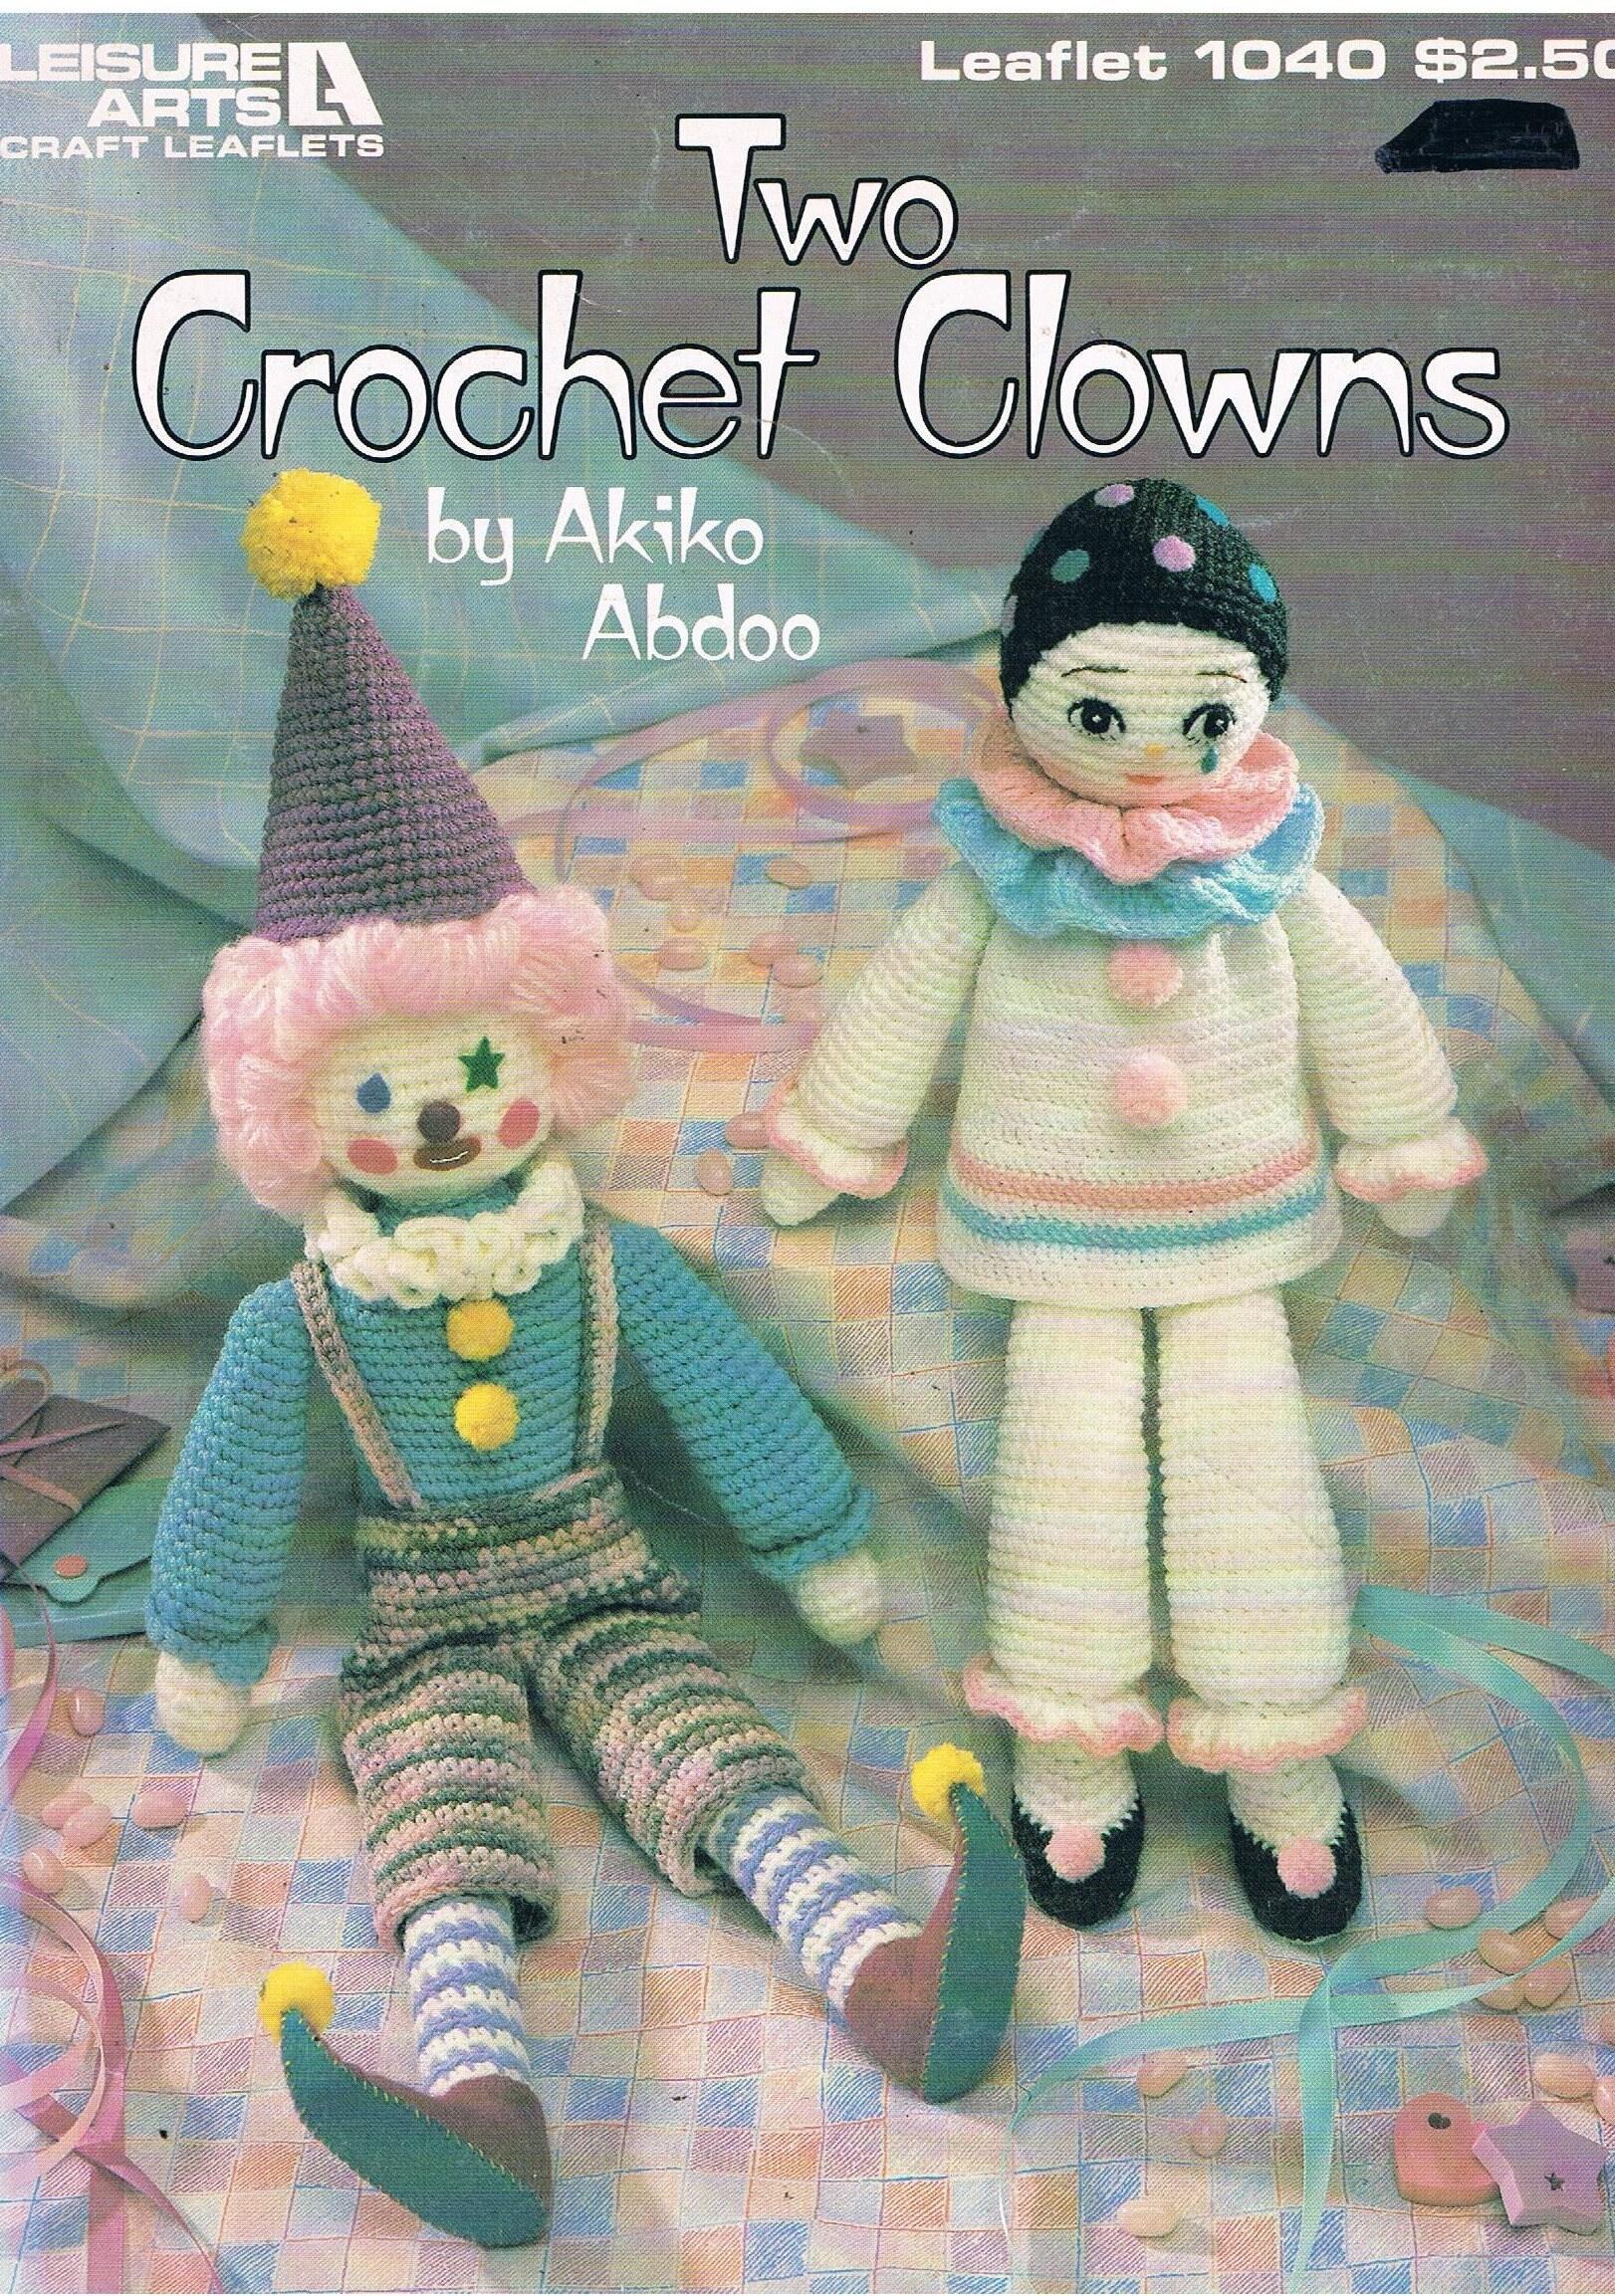 Zwei häkeln Clowns von Akiko Abdoo